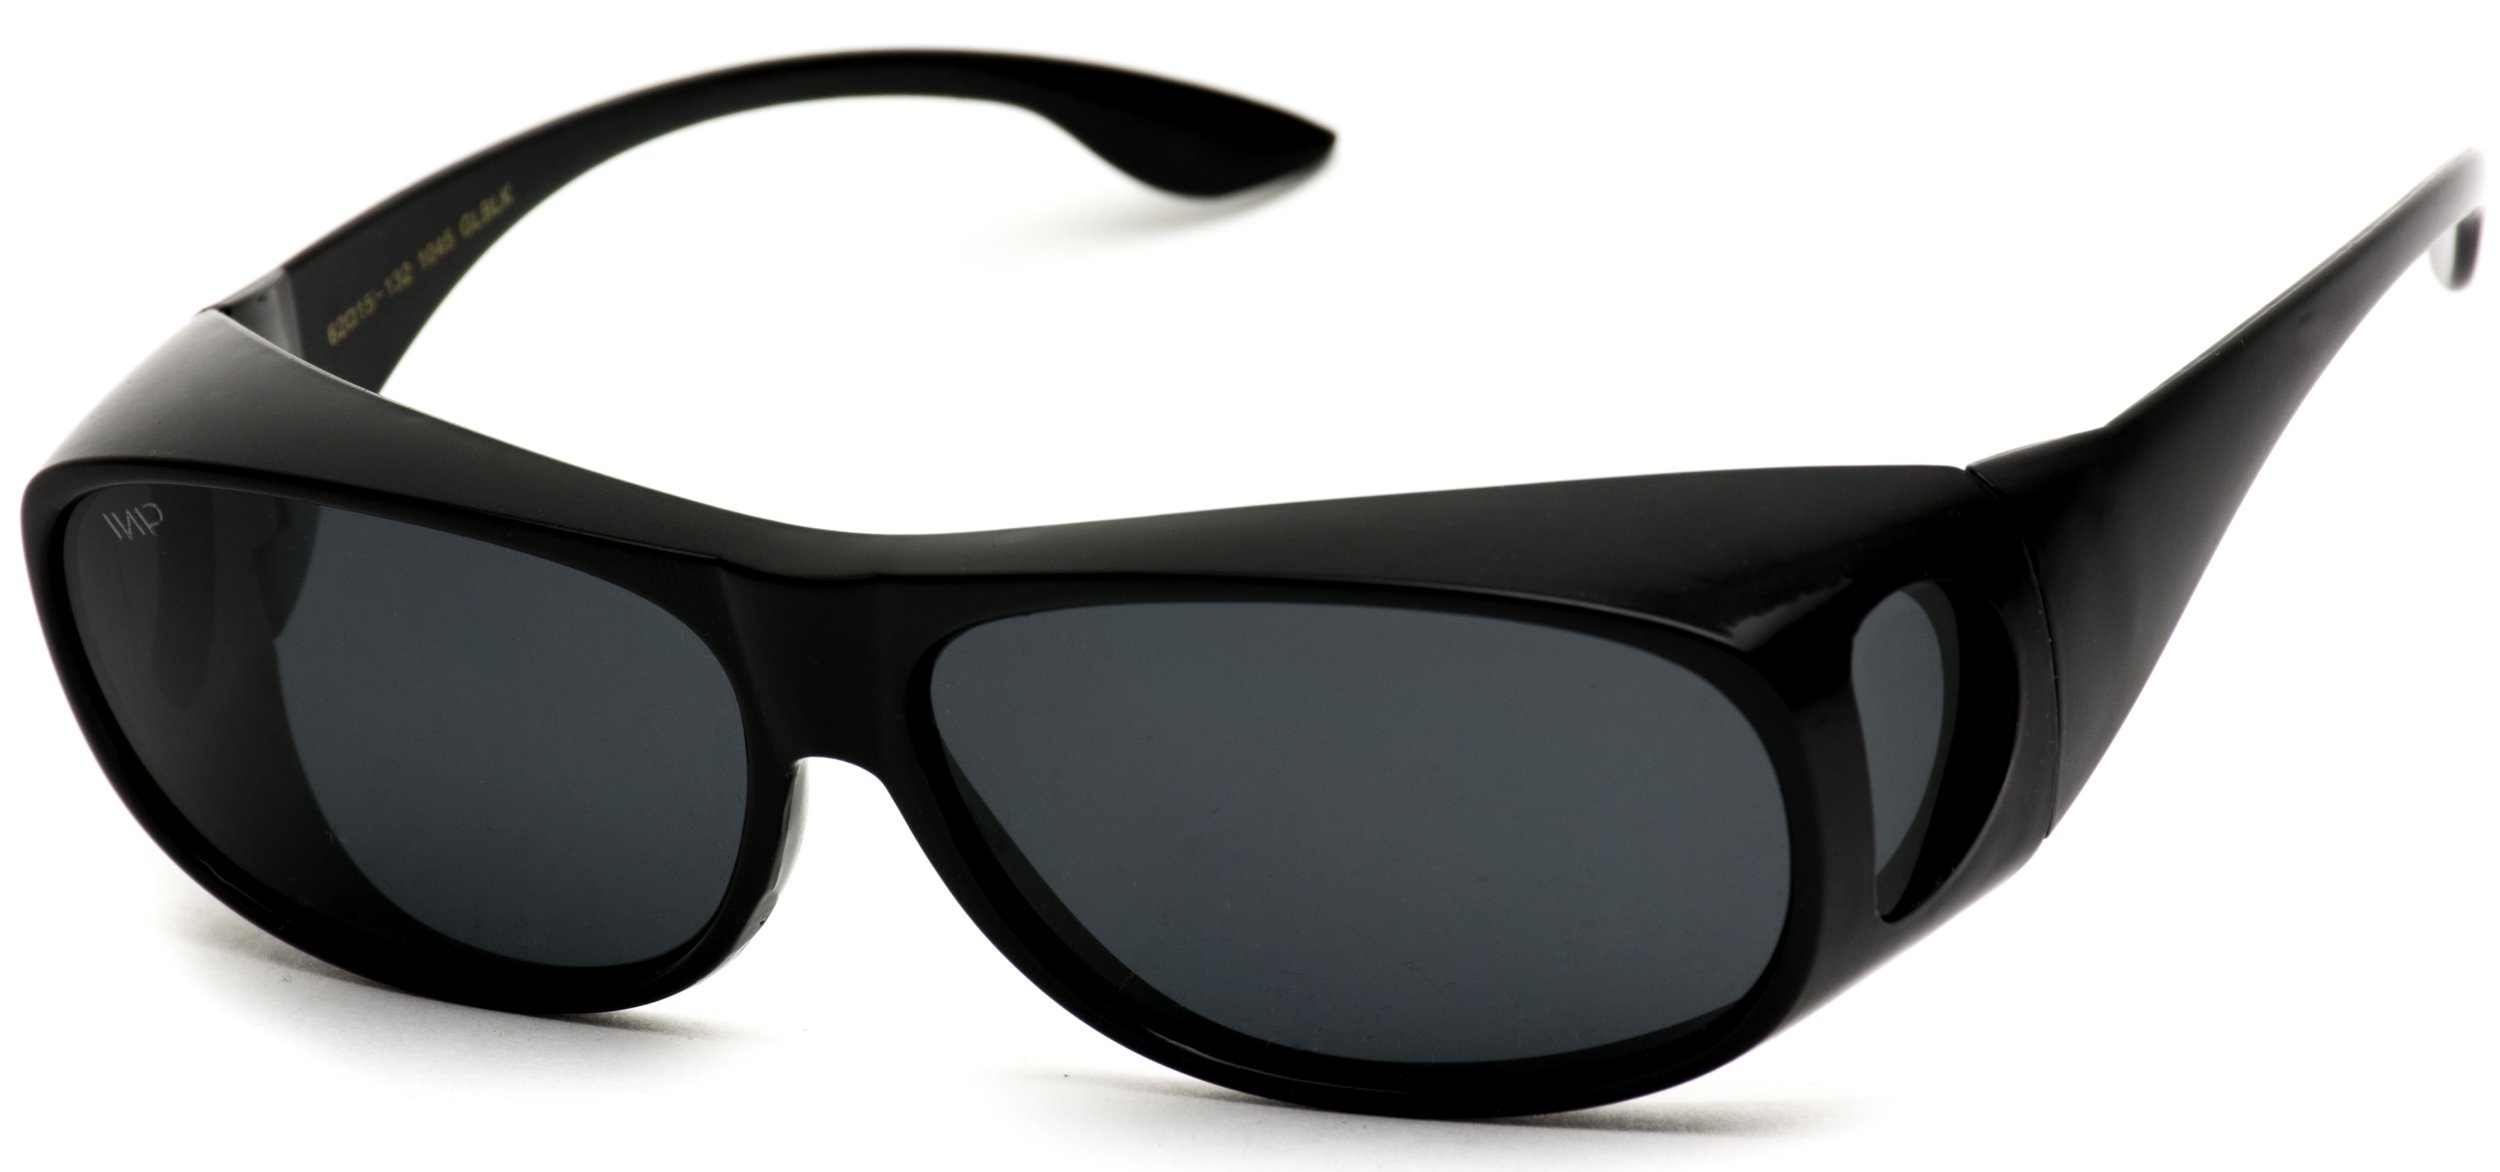 WearMe Pro - Polarized Fit Over Prescription Glasses Wear Over for Eyeglasses by WearMe Pro